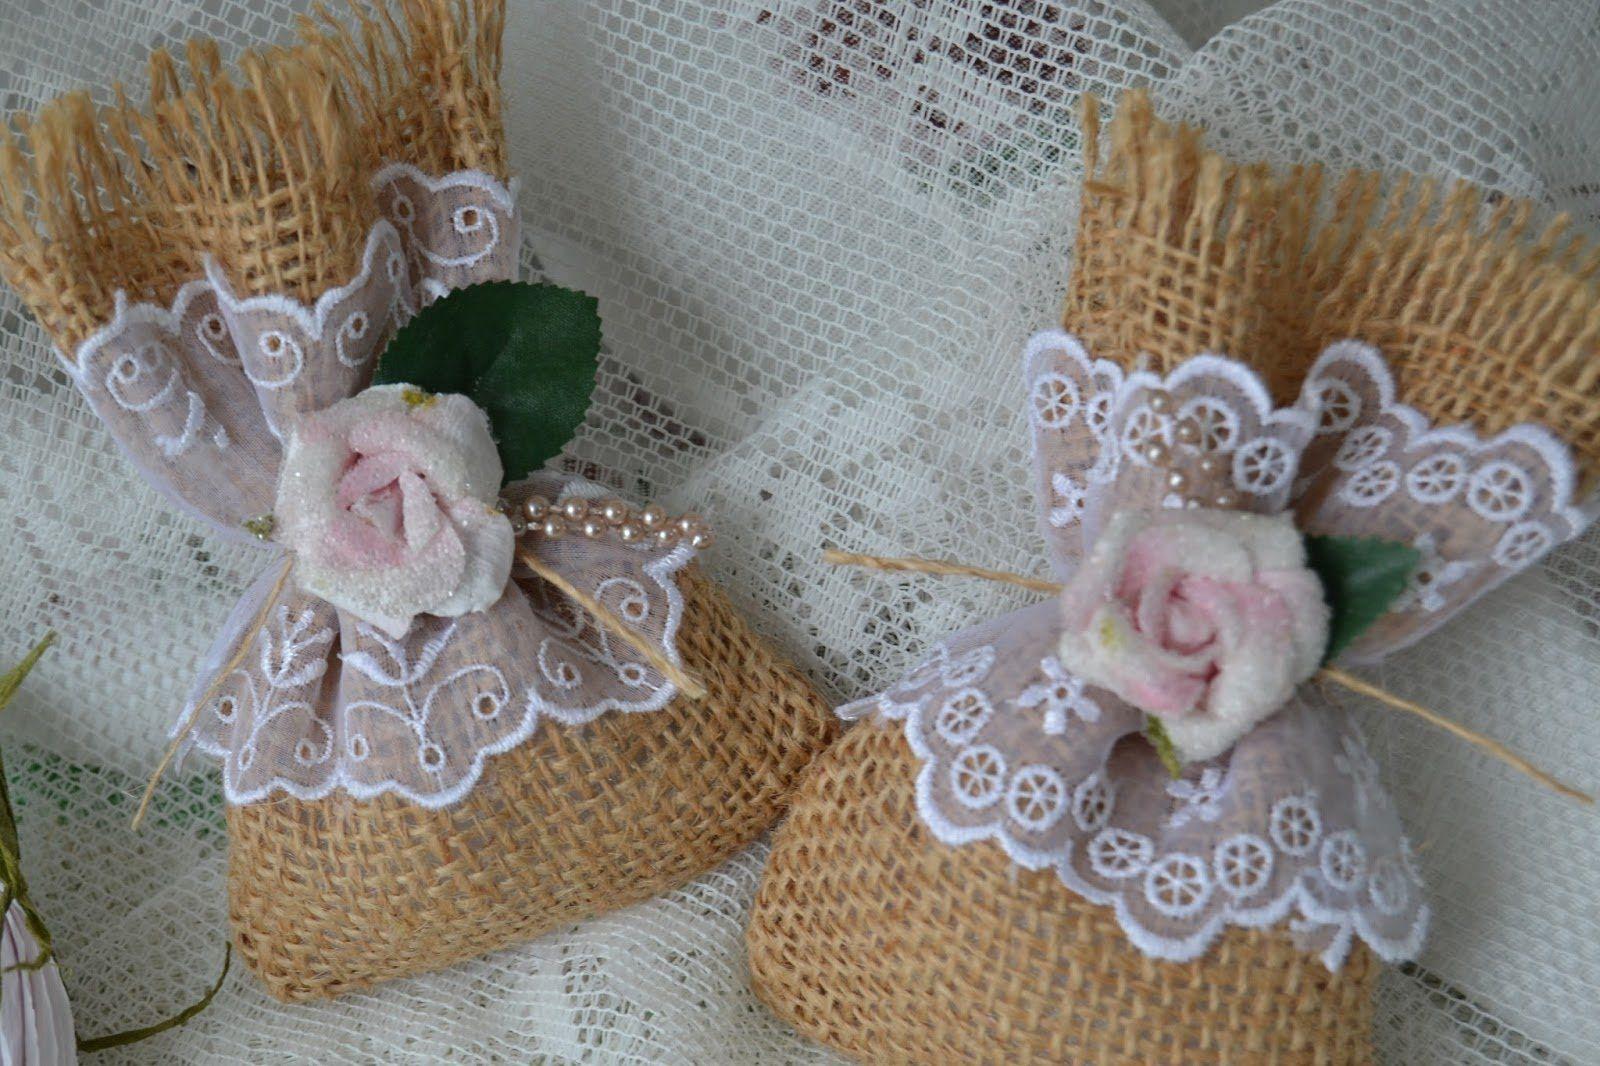 Aparador Barba Whal ~ Como fazer lembrancinhas rusticas e vintage para casamento saboaria artesanal Pinterest